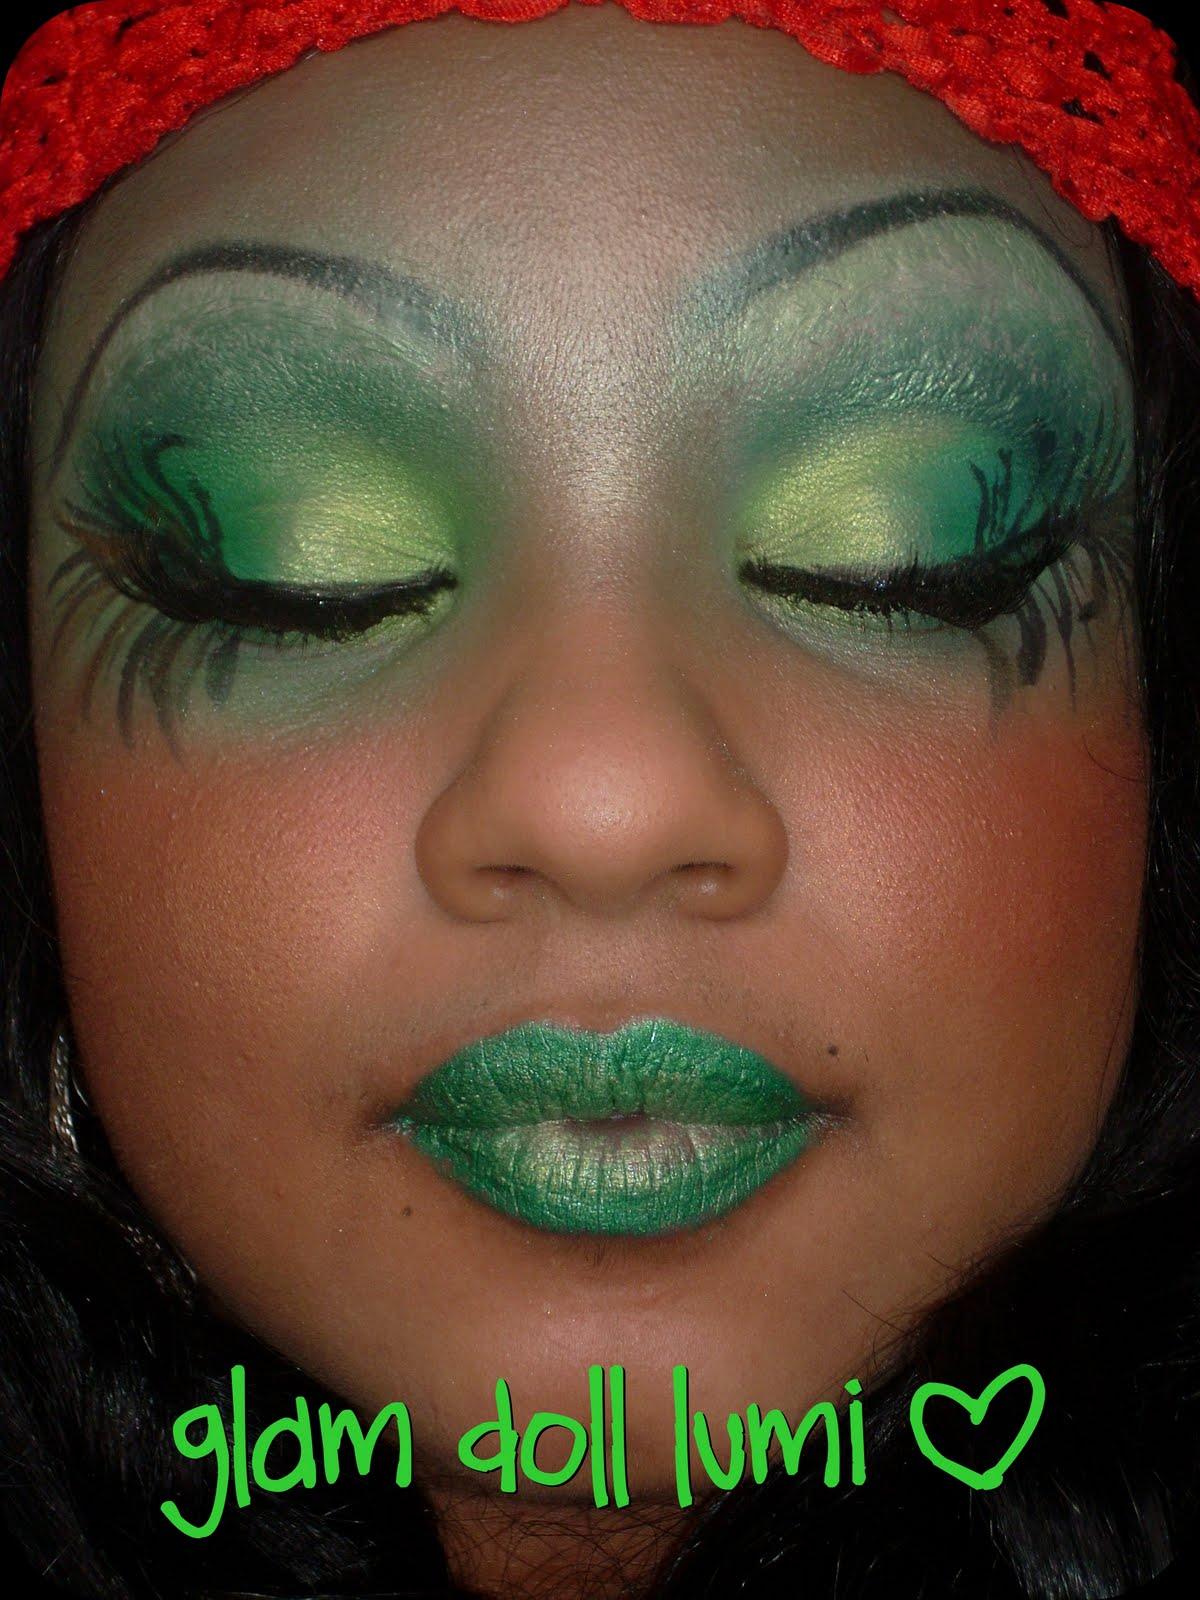 http://1.bp.blogspot.com/_rJZ8_H7k8Ag/S-Gn25aywKI/AAAAAAAAAJ4/R9__mC2saEA/s1600/DSCN0040.JPG